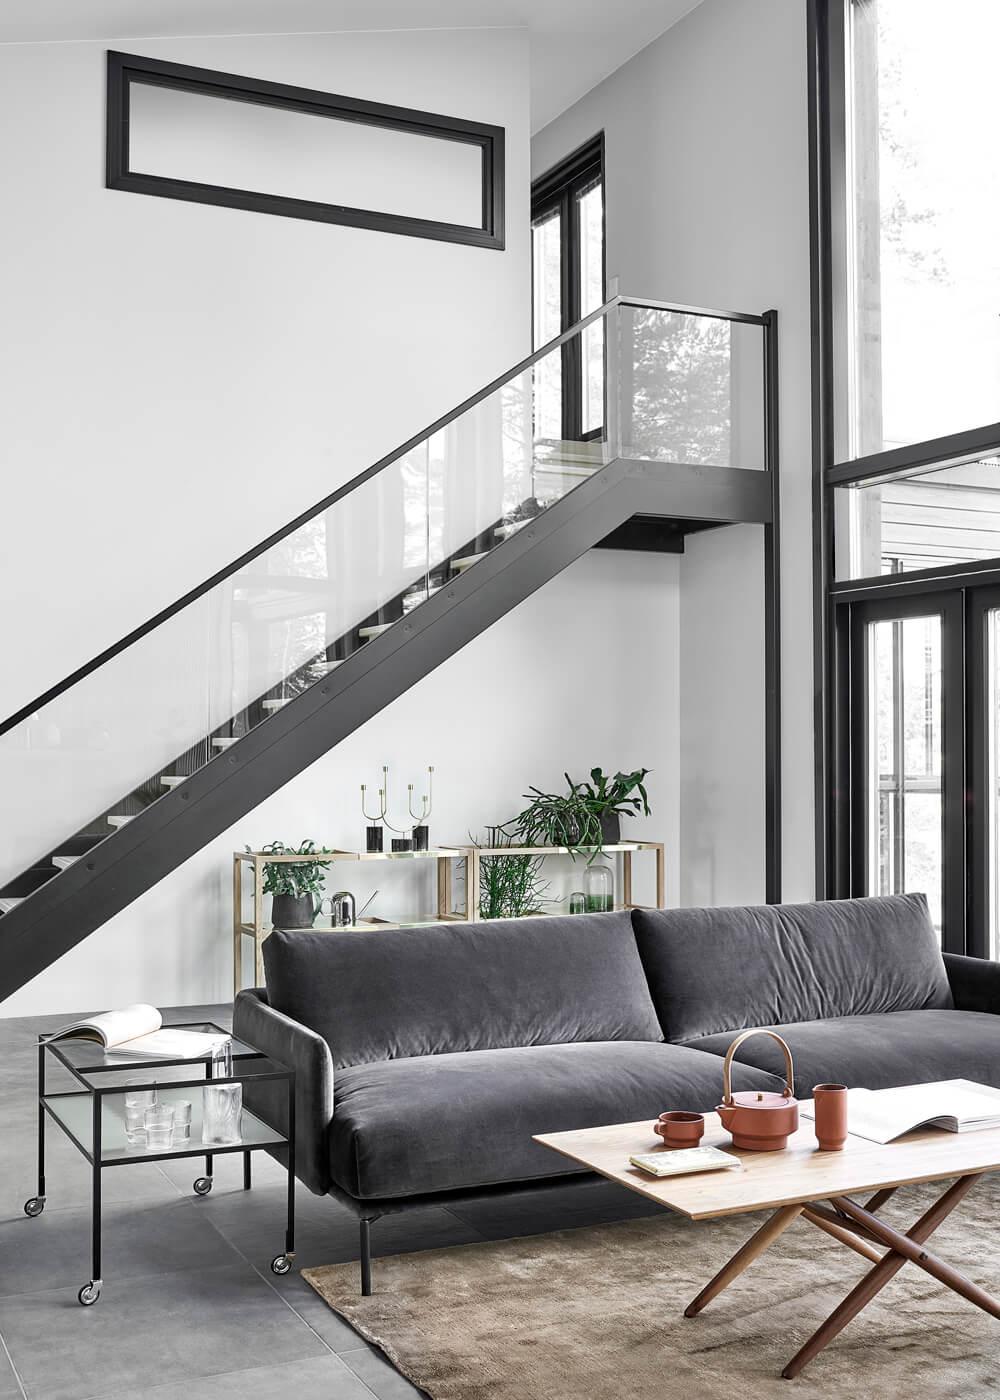 Escalier acier architecture contemporaine